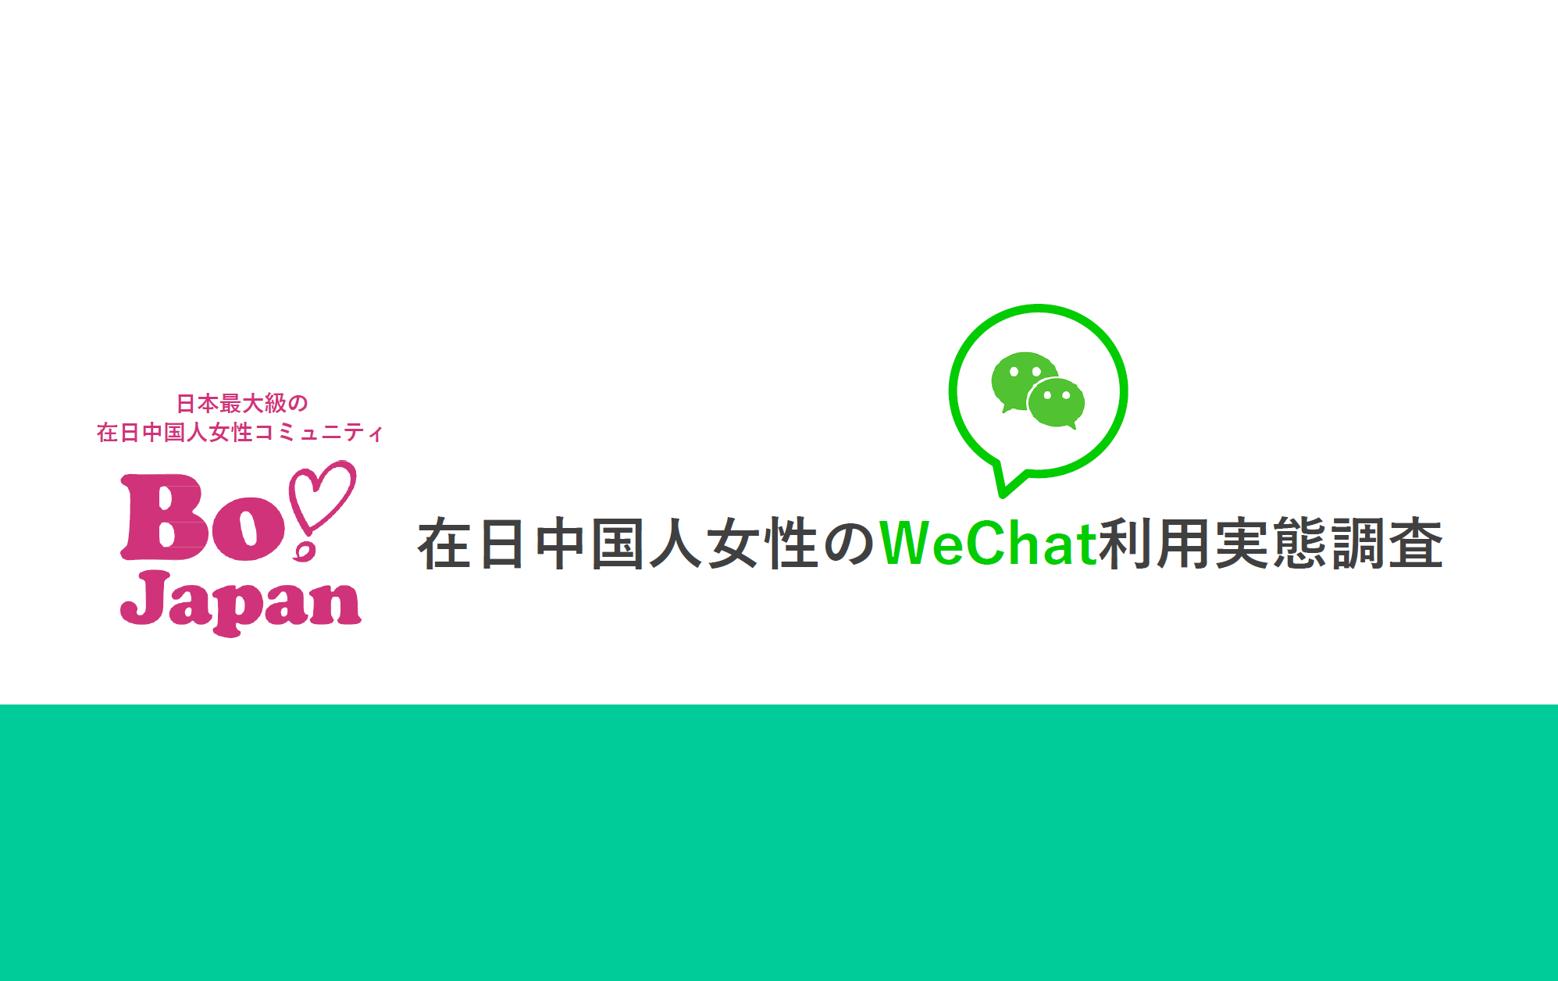 WeChatのリアルな利用実態が明らかに?!在日中国人女性のWeChat利用実態調査 結果発表